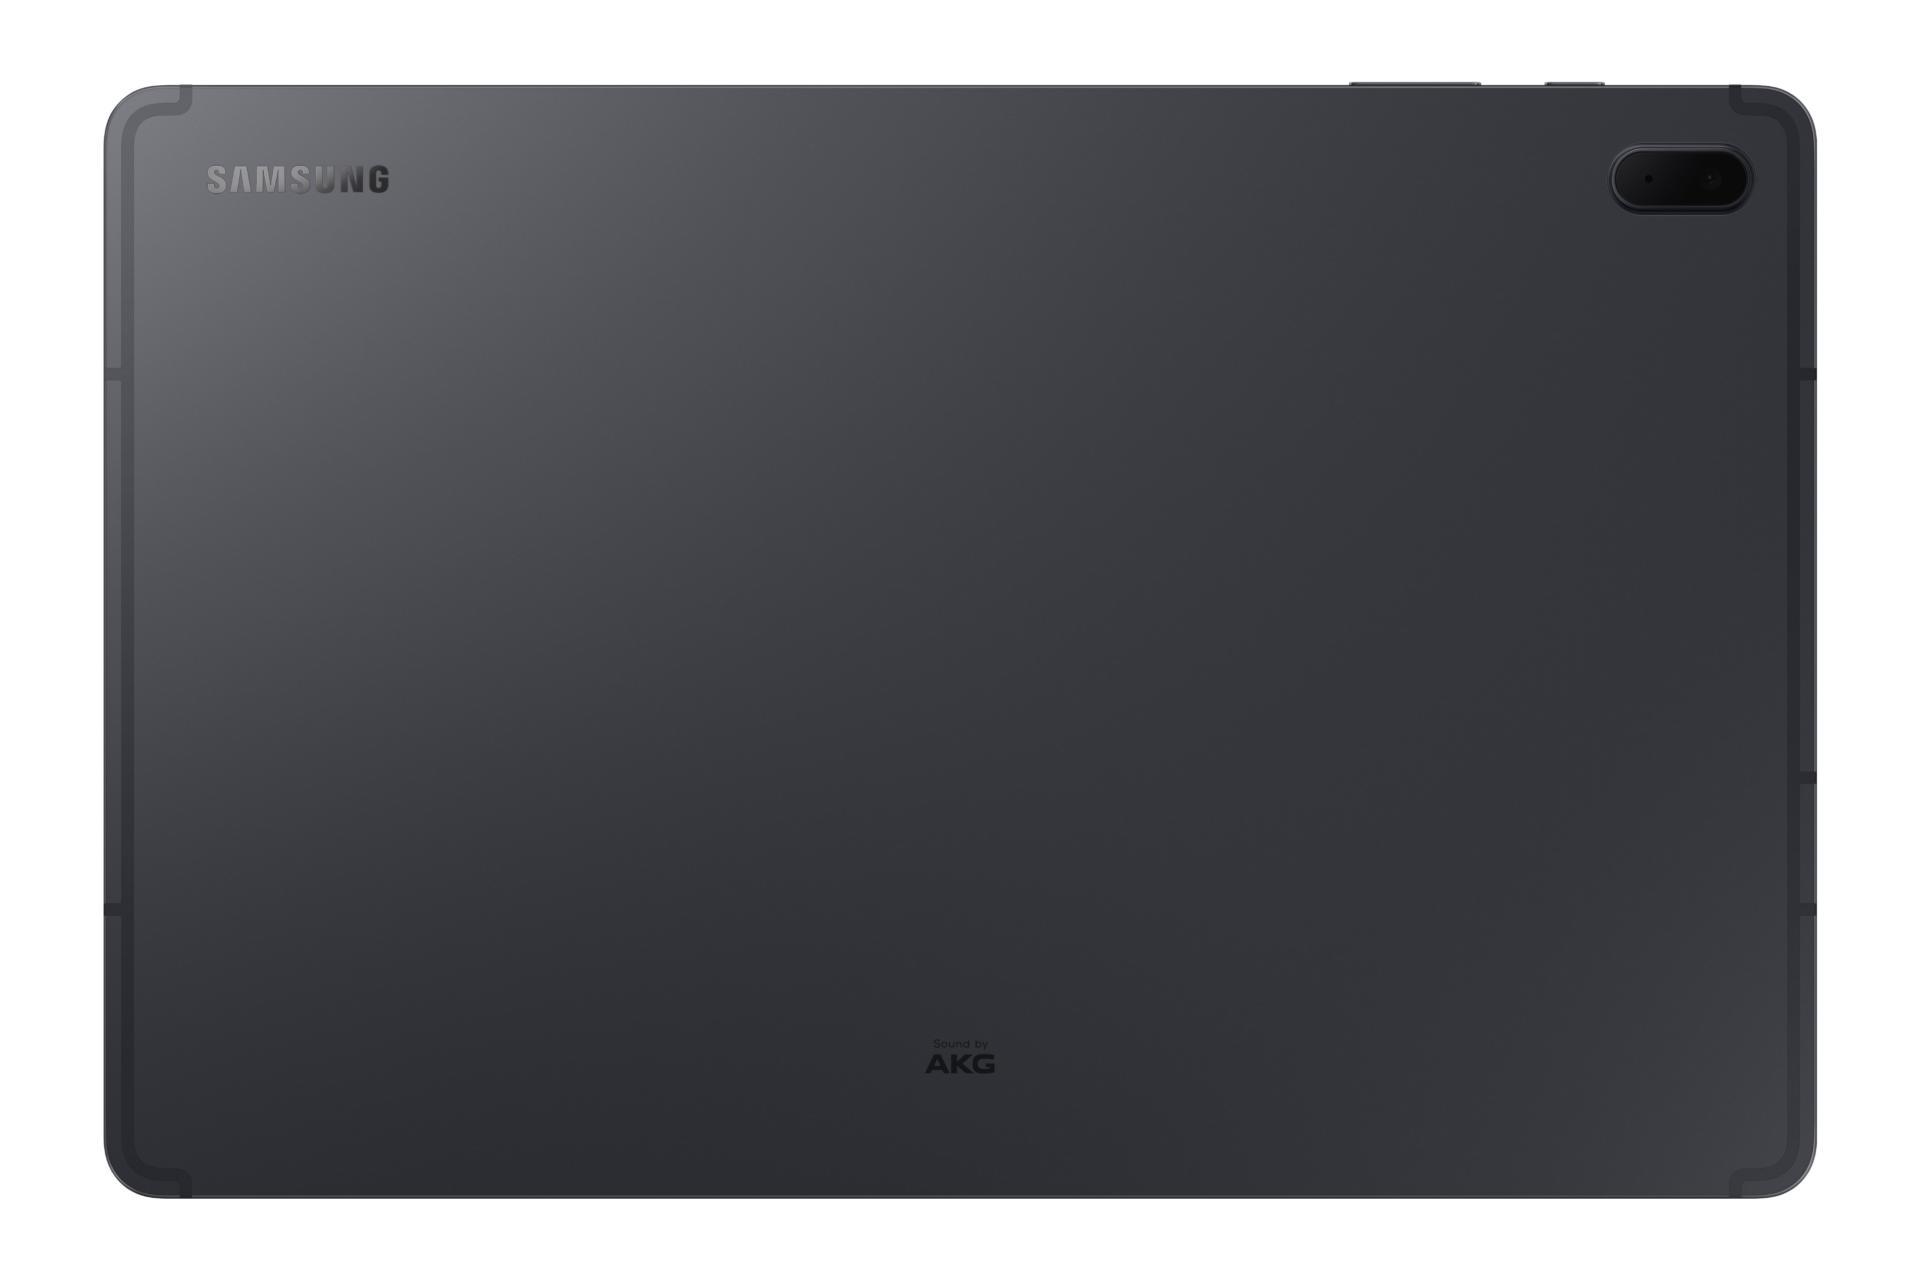 Samsung Galaxy Tab S7 FE chính thức lên kệ, giá 14 triệu đồng